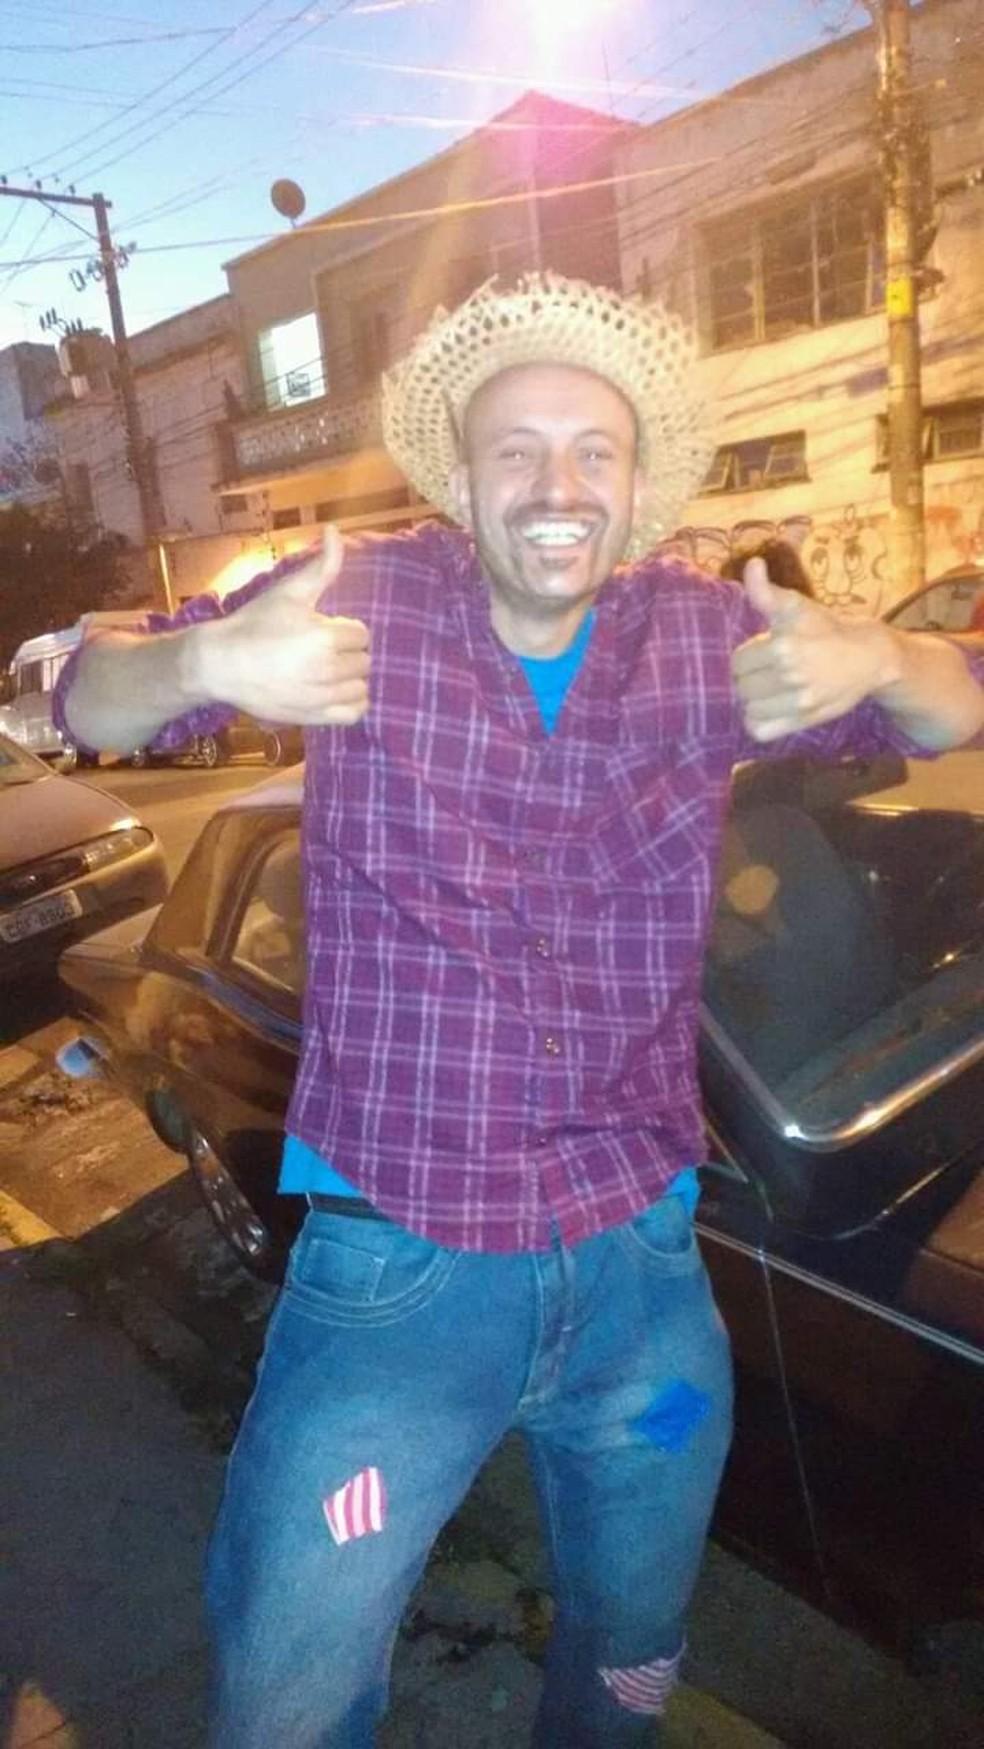 Thiago de Jesus Dias, de 33 anos, sofreu um AVC na noite de sábado (6) enquanto fazia entregas para o aplicativo Rappi — Foto: Arquivo pessoal/Daiane de Jesus Dias